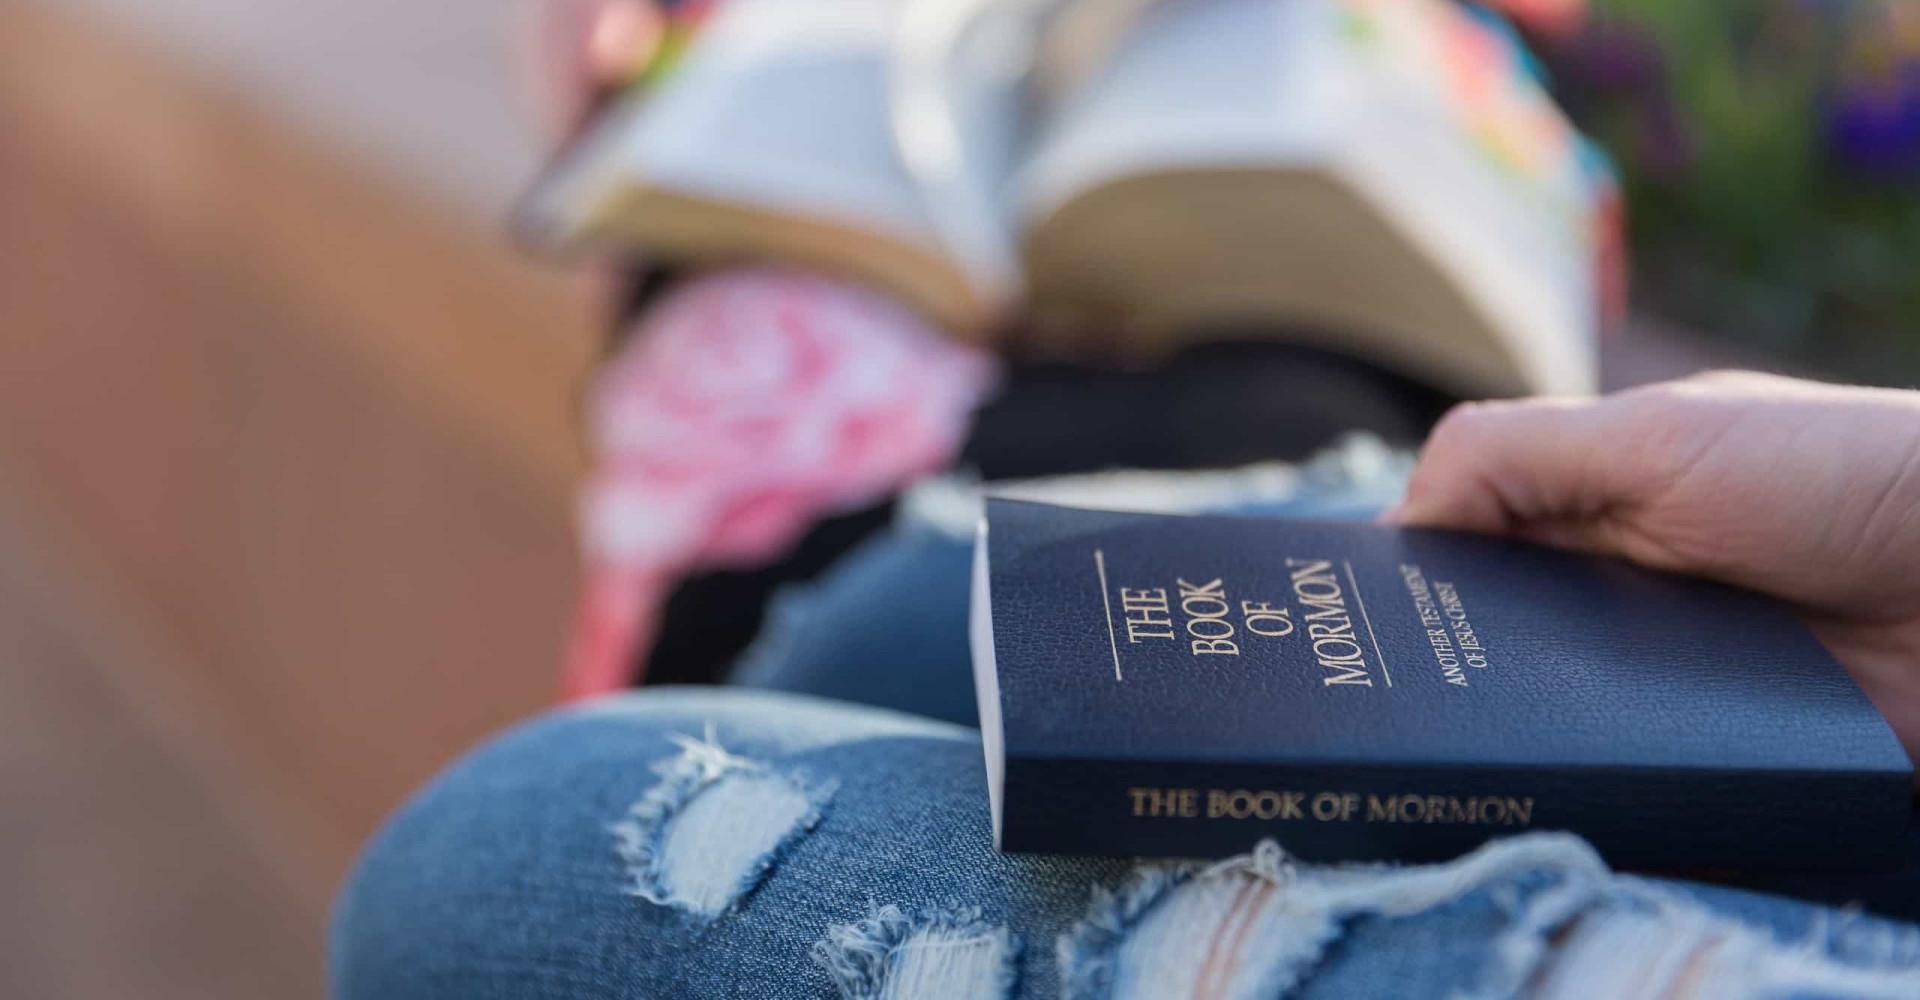 Mielenkiintoiset faktat mormonismista - tiesitkö näitä?